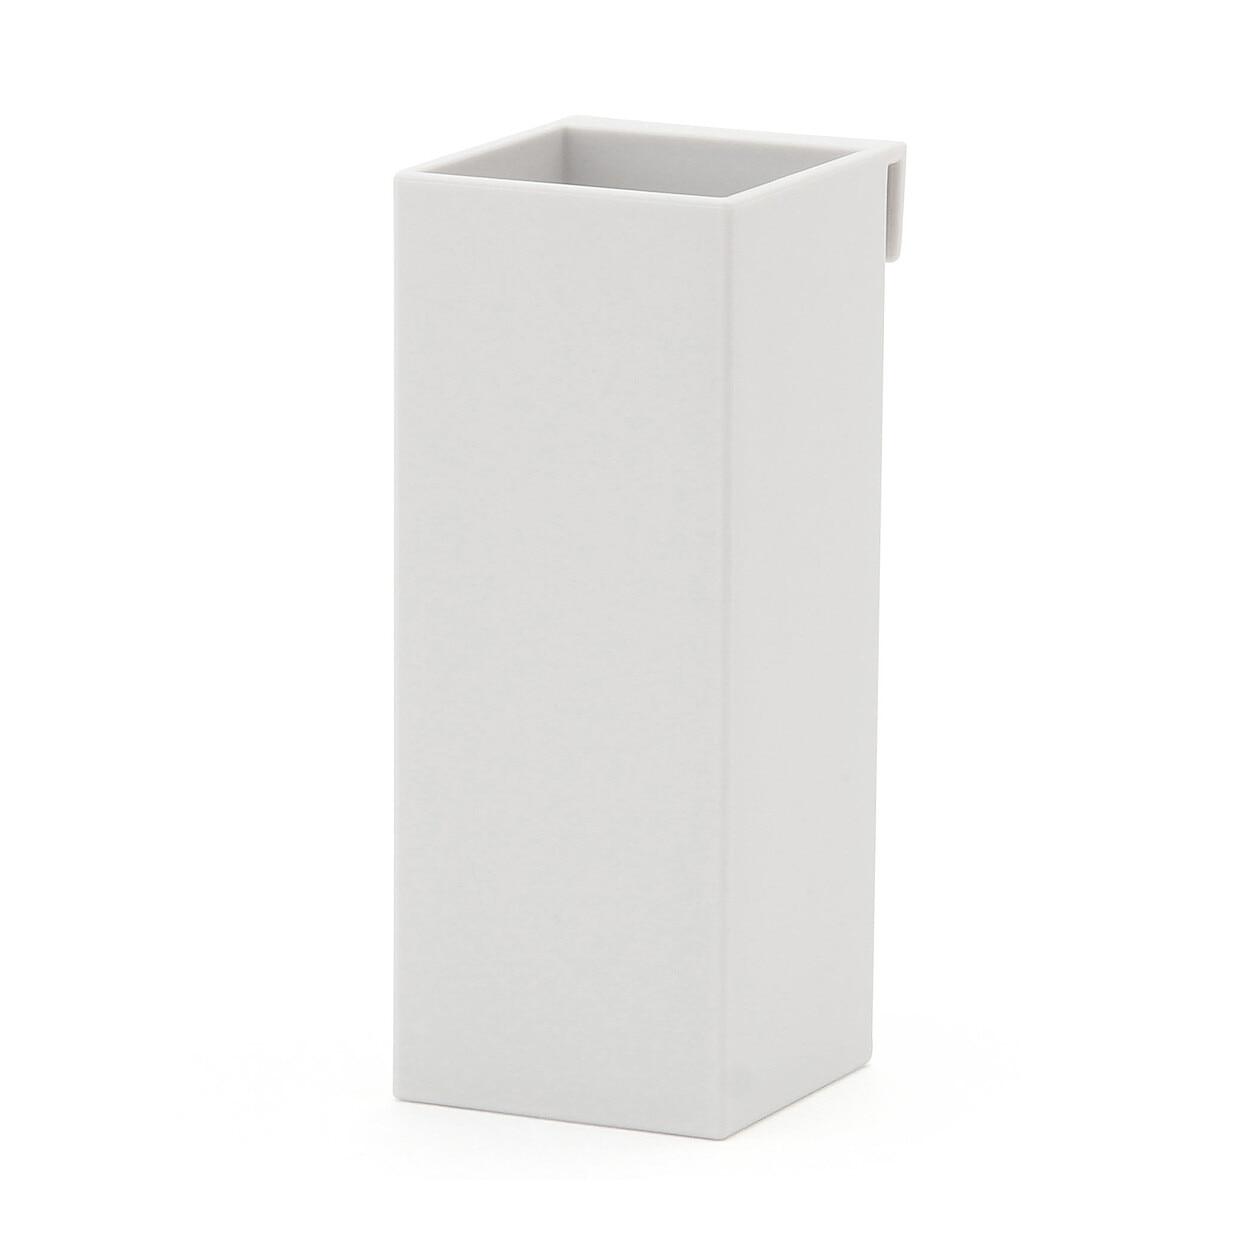 RoomClip商品情報 - ポリプロピレンファイルボックス用・ペンポケット